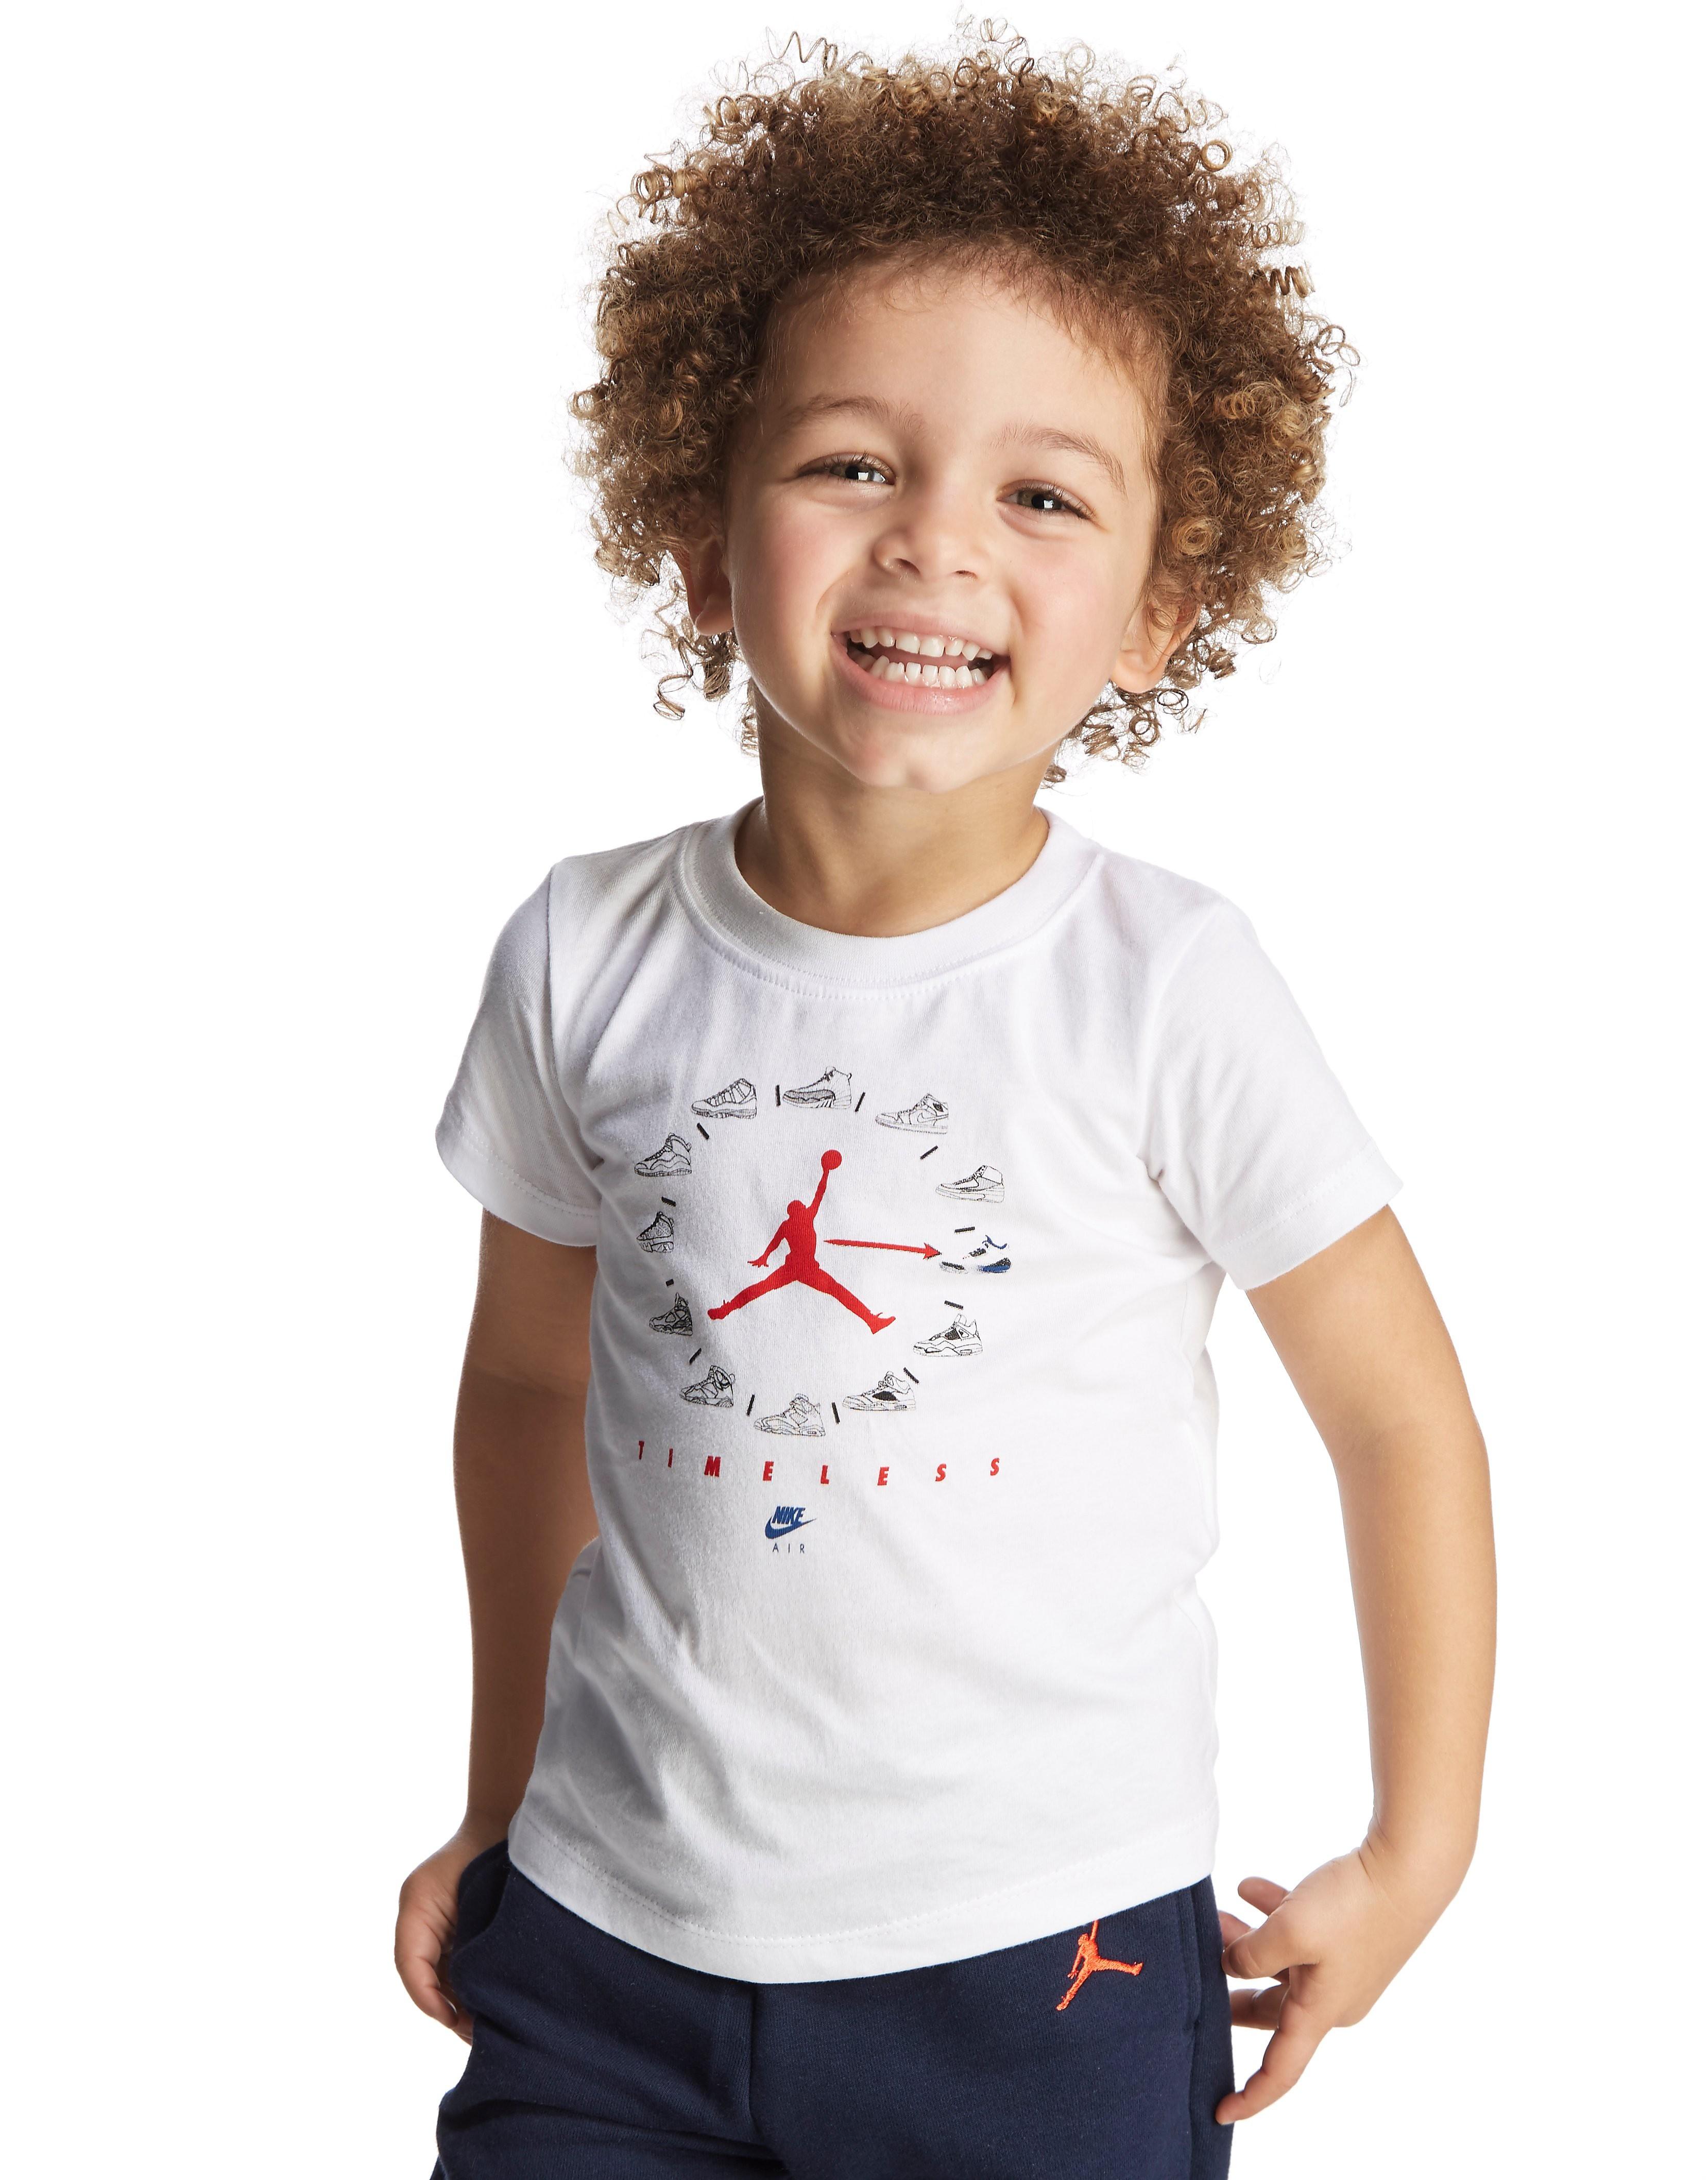 Jordan Timeless T-Shirt Infant